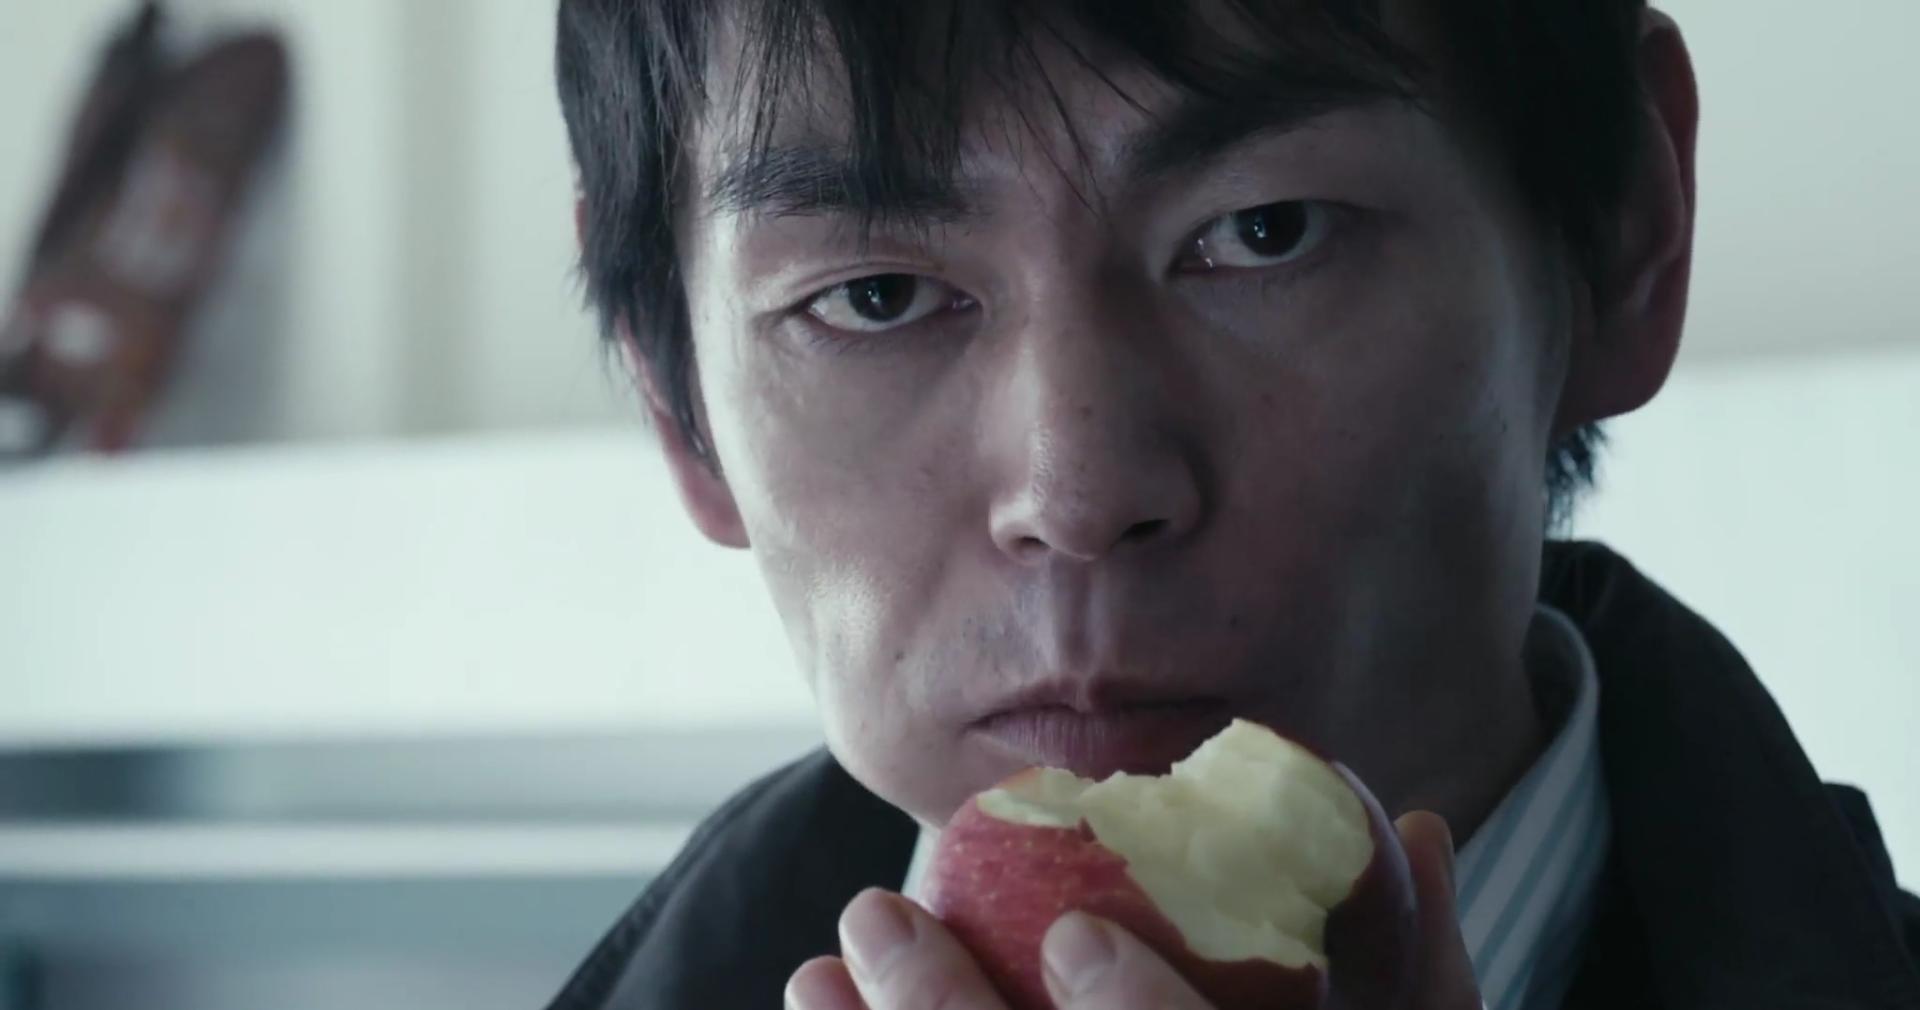 Some beißt in einen Apfel